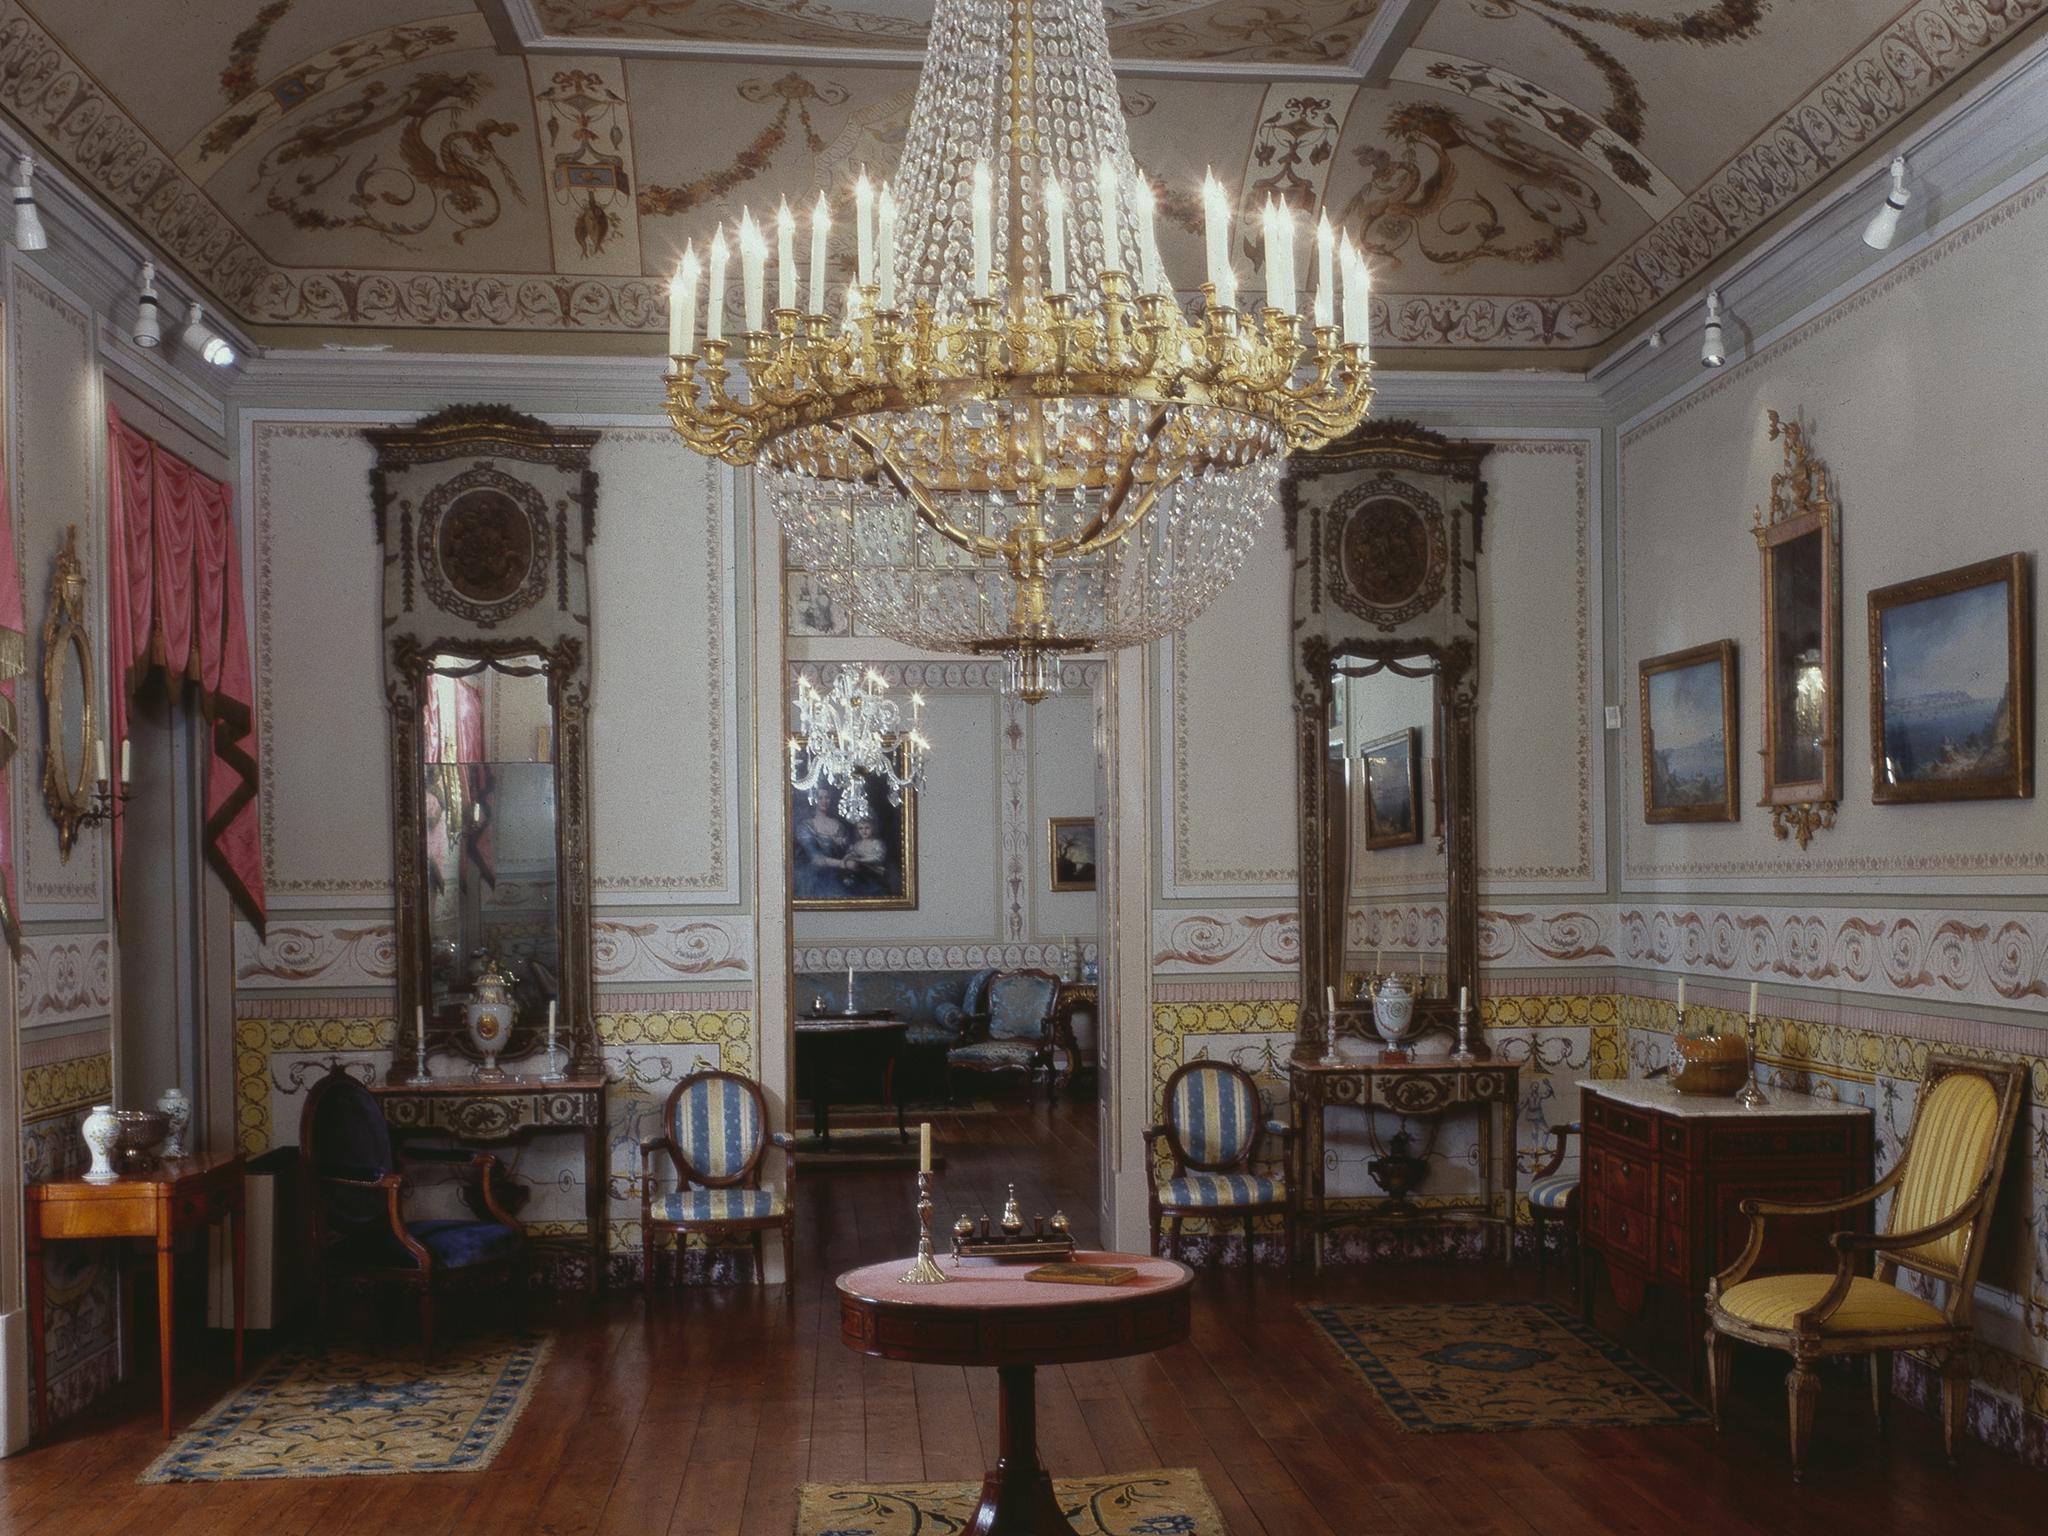 Entre num salão do século XV